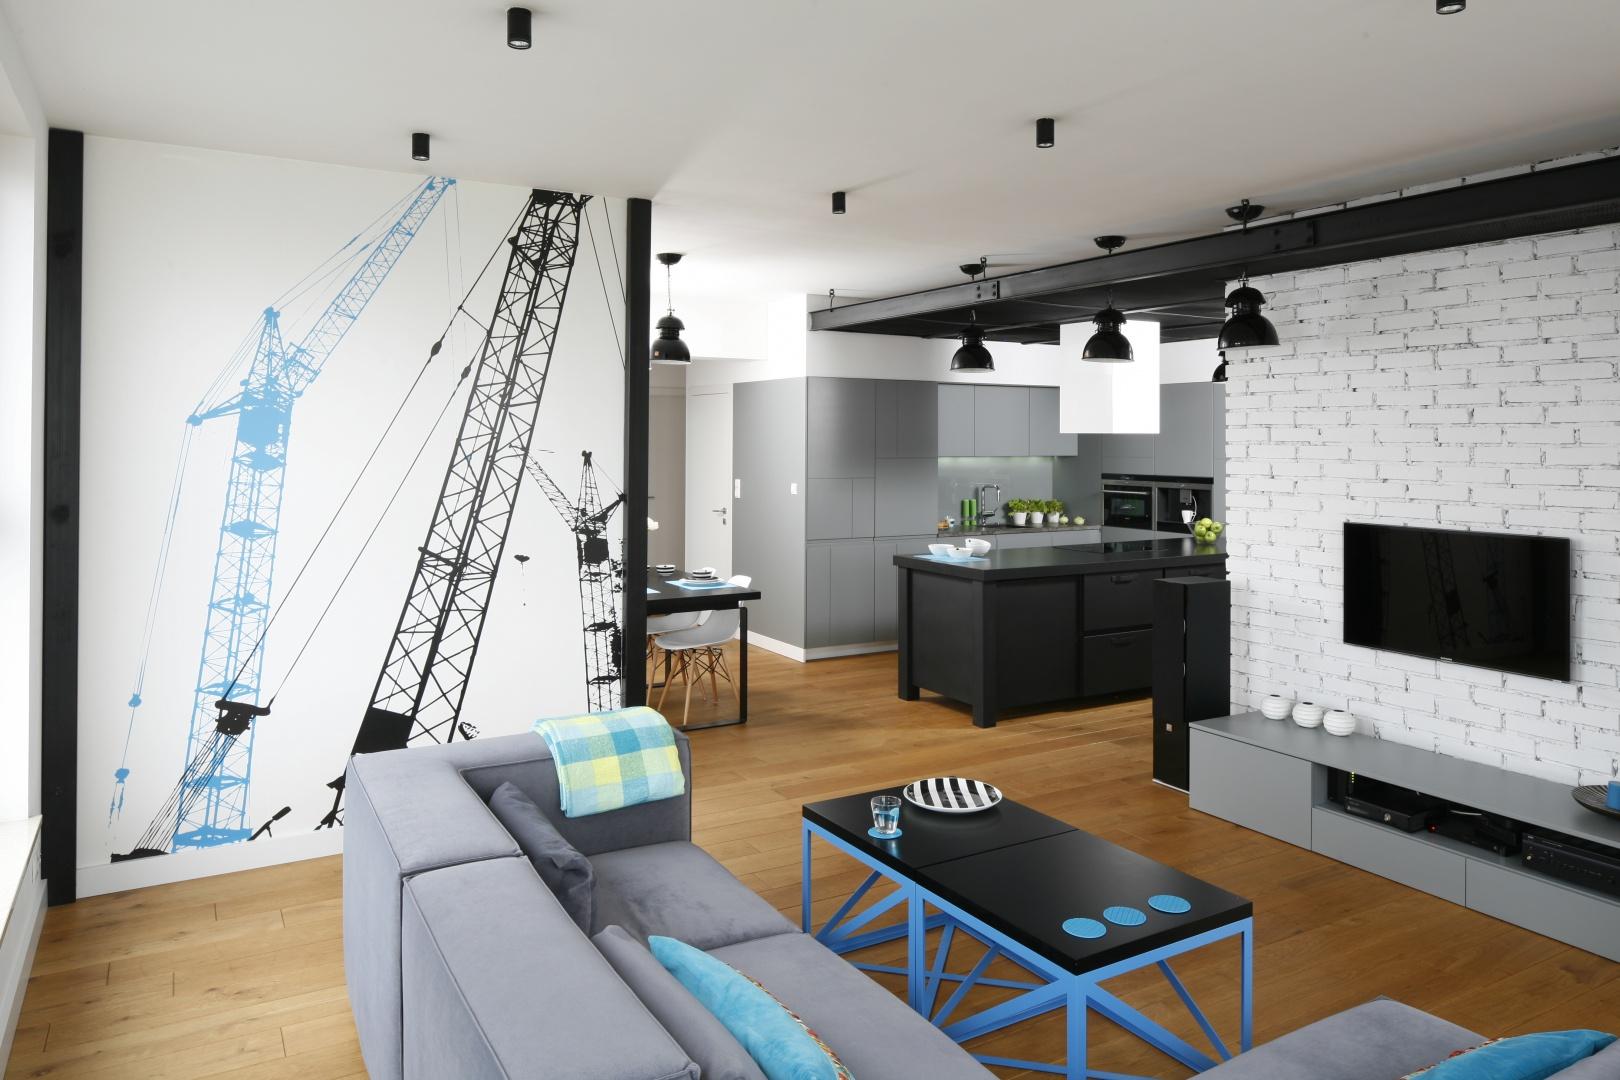 Salon połączony z kuchnią urządzono w klimacie loftowym. Industrialny efekt zyskano dzięki białej cegle na ścianie za TV,